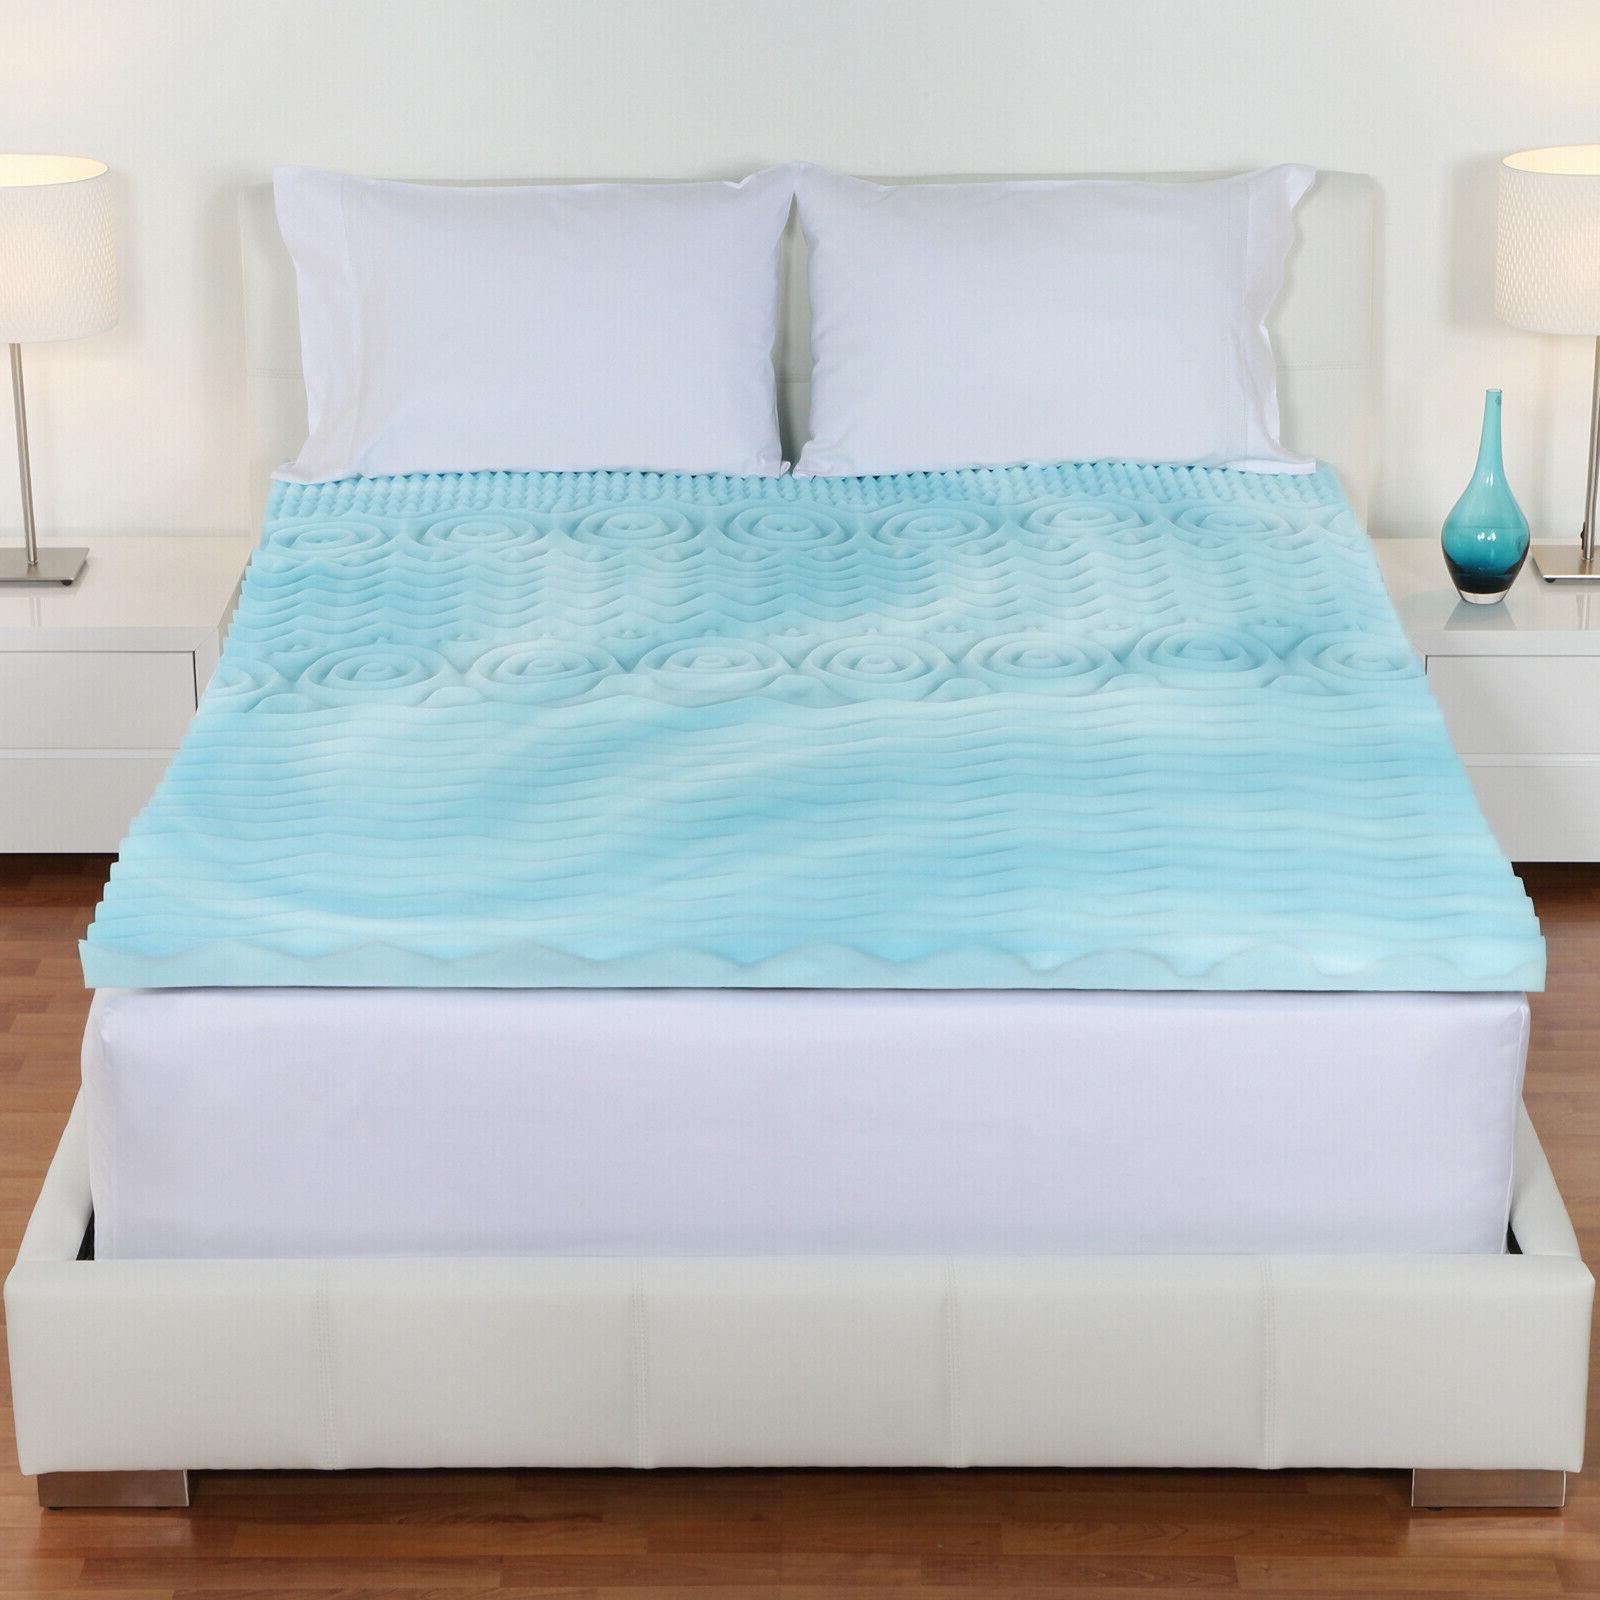 Authentic Comfort